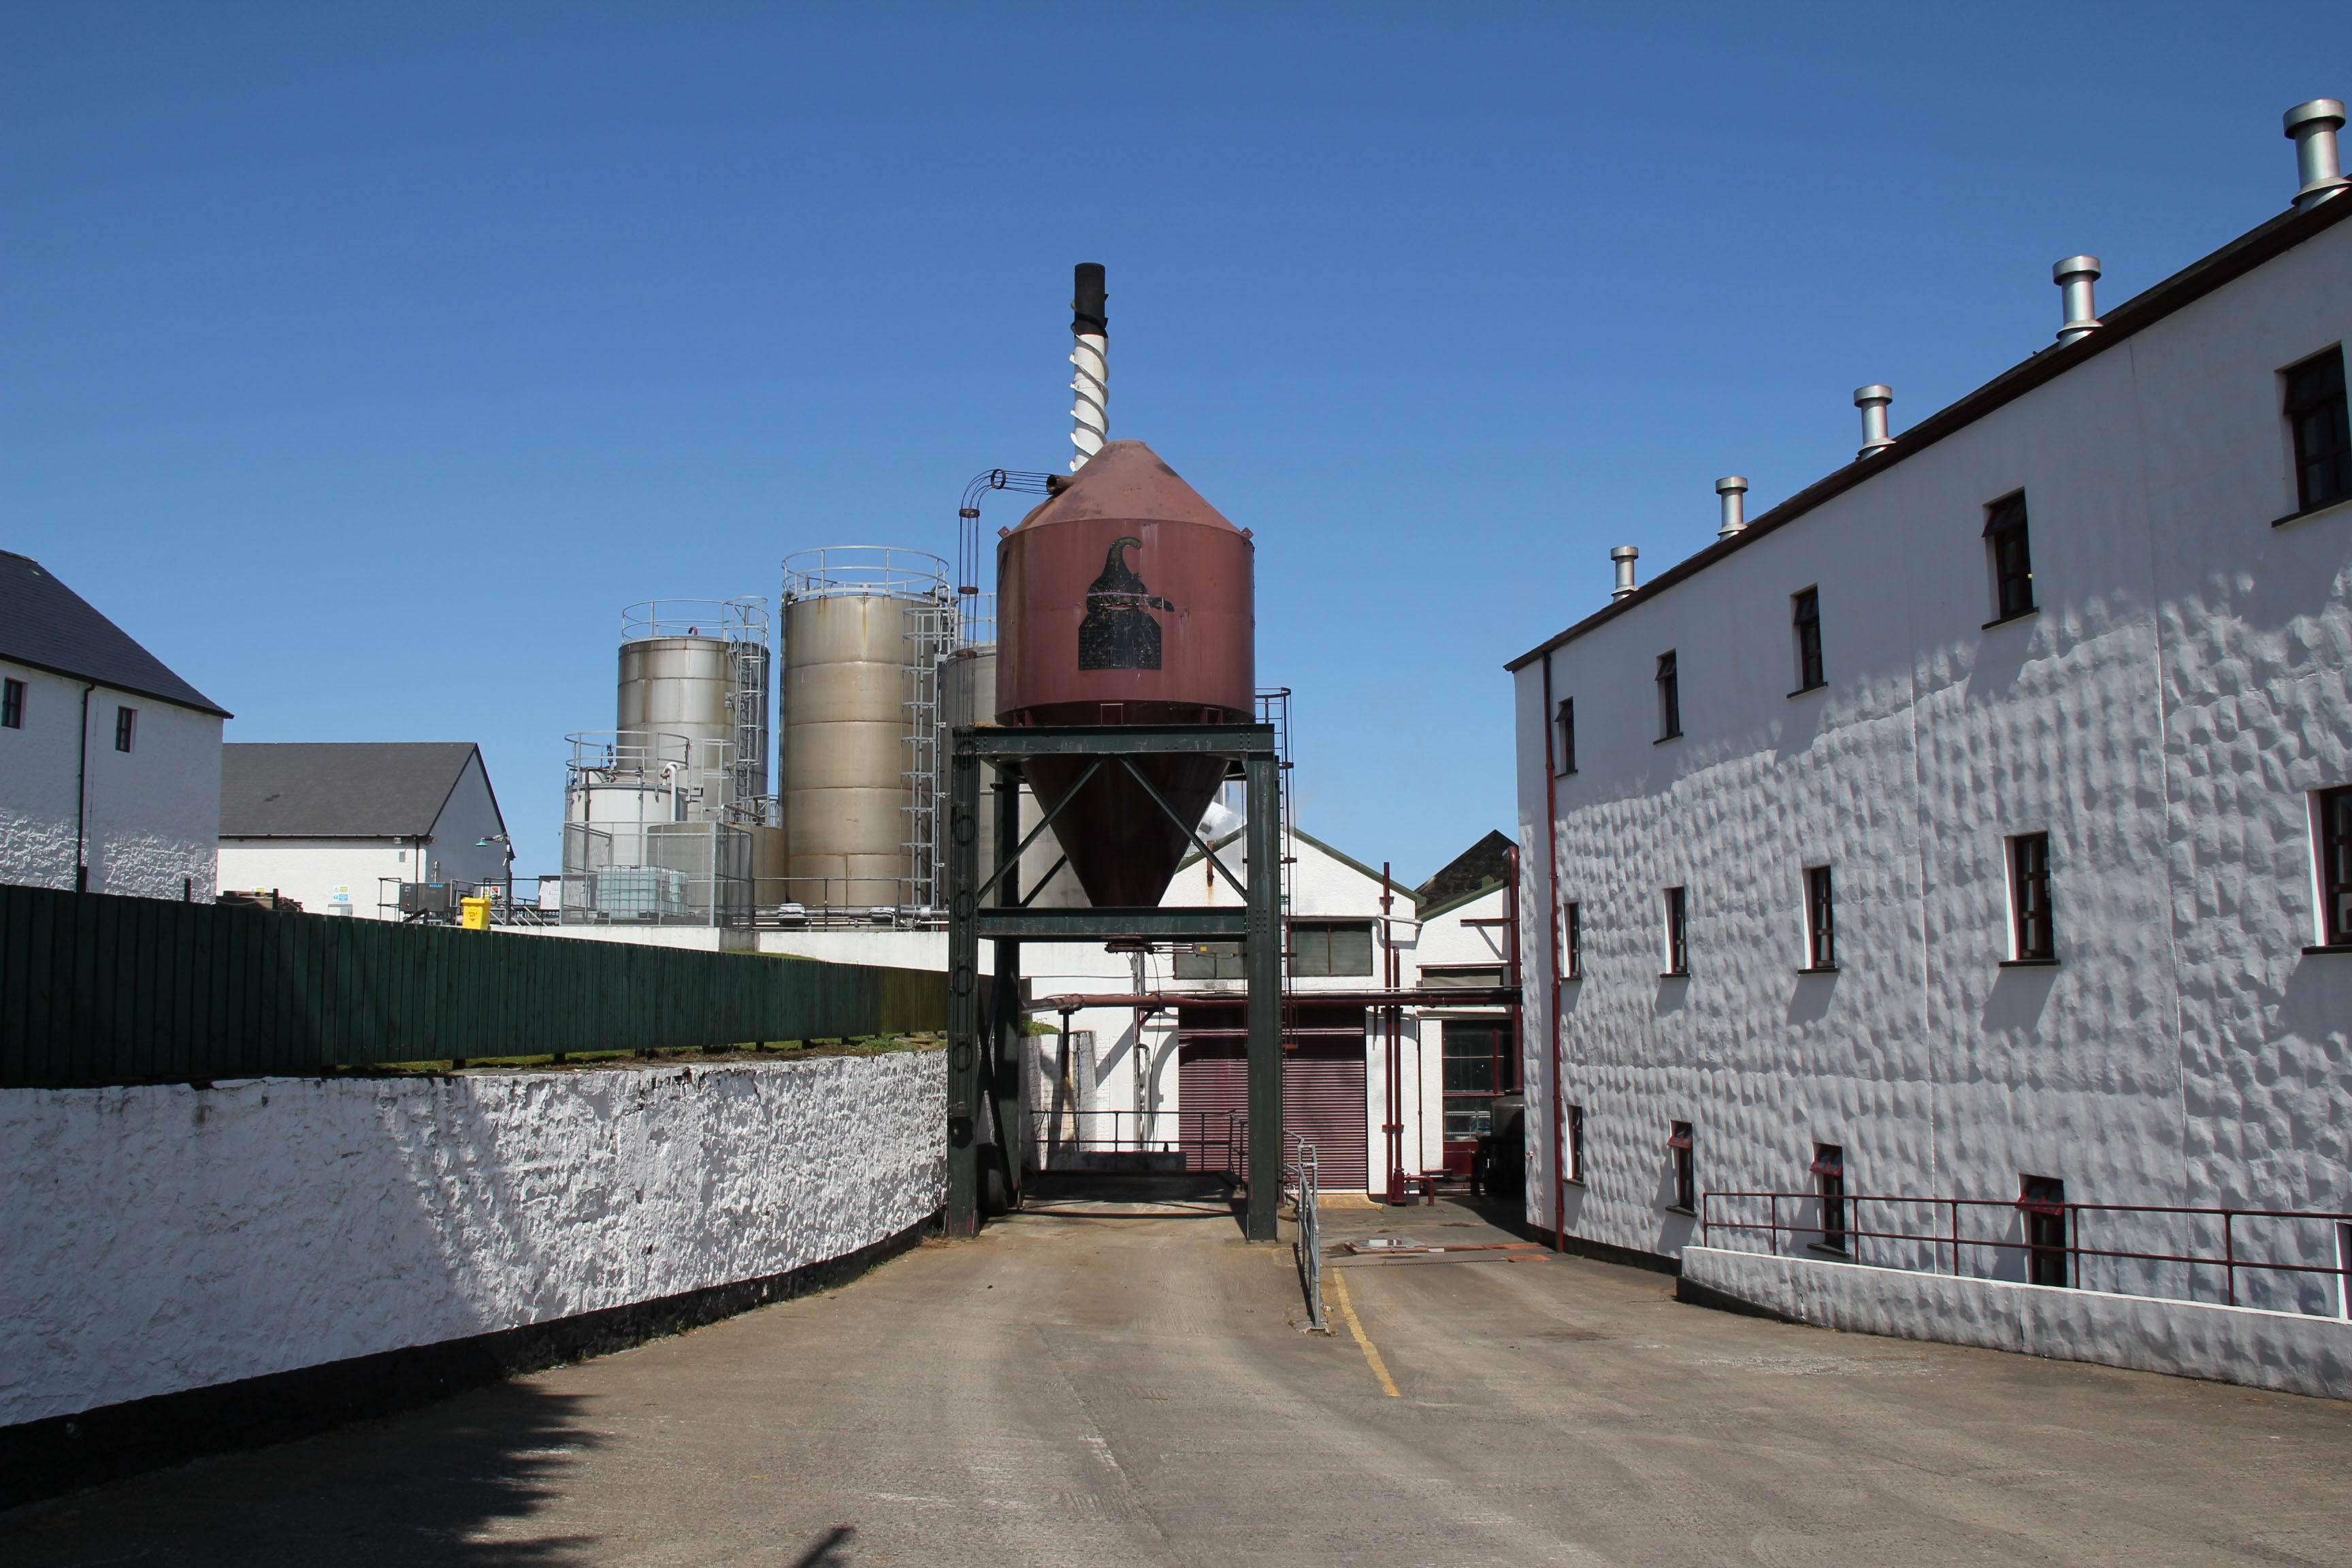 ブッシュミルズのウイスキー蒸留所=2012年5月